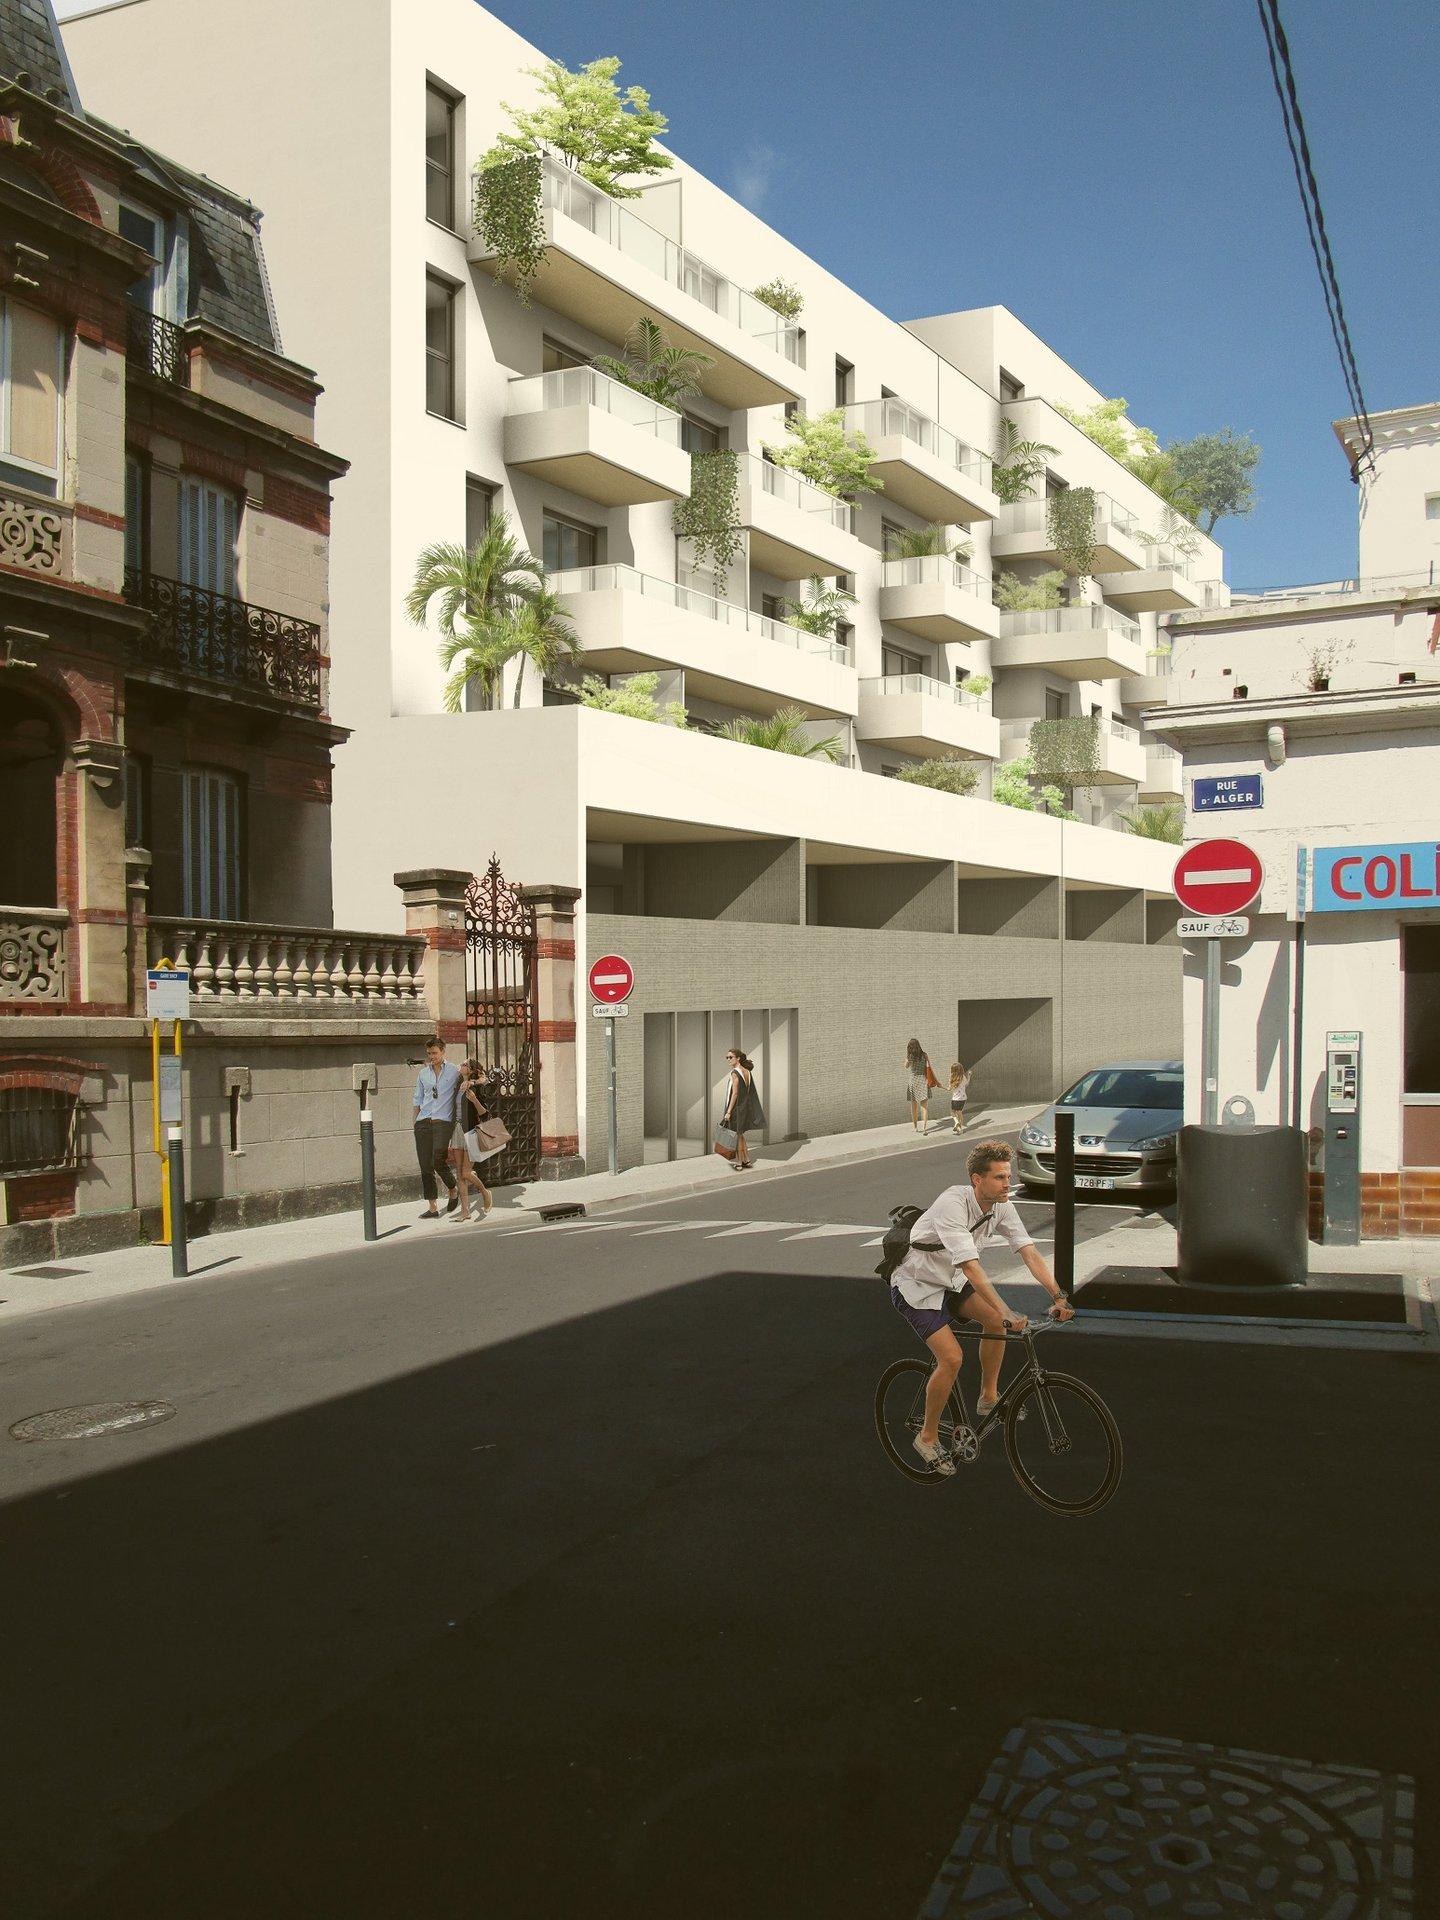 Vente studio neuf à Perpignan